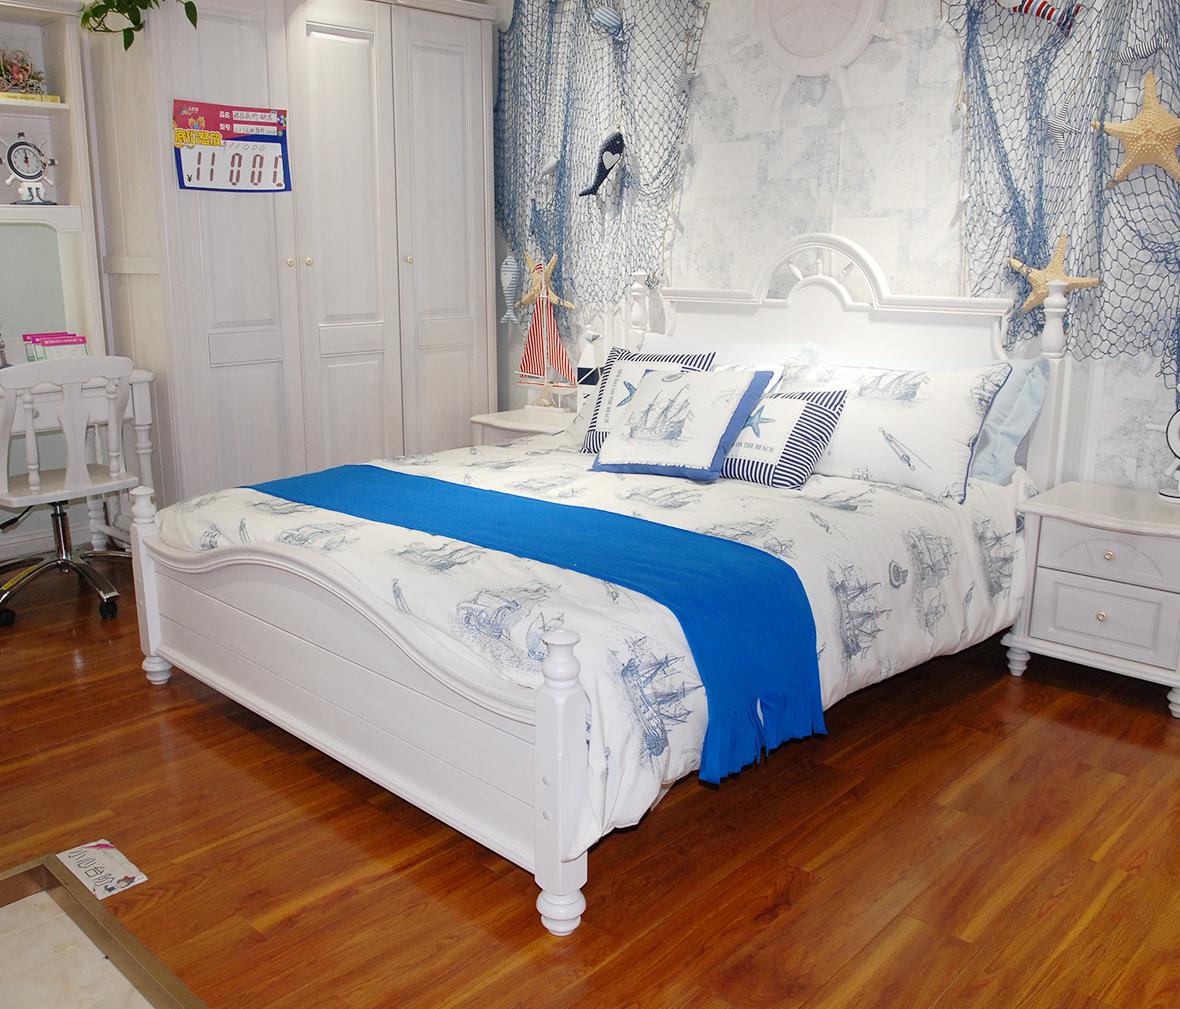 小床 实木板材 榫卯结构 欧式风格  眼缘:0  大自然 实木床架 ha2-901